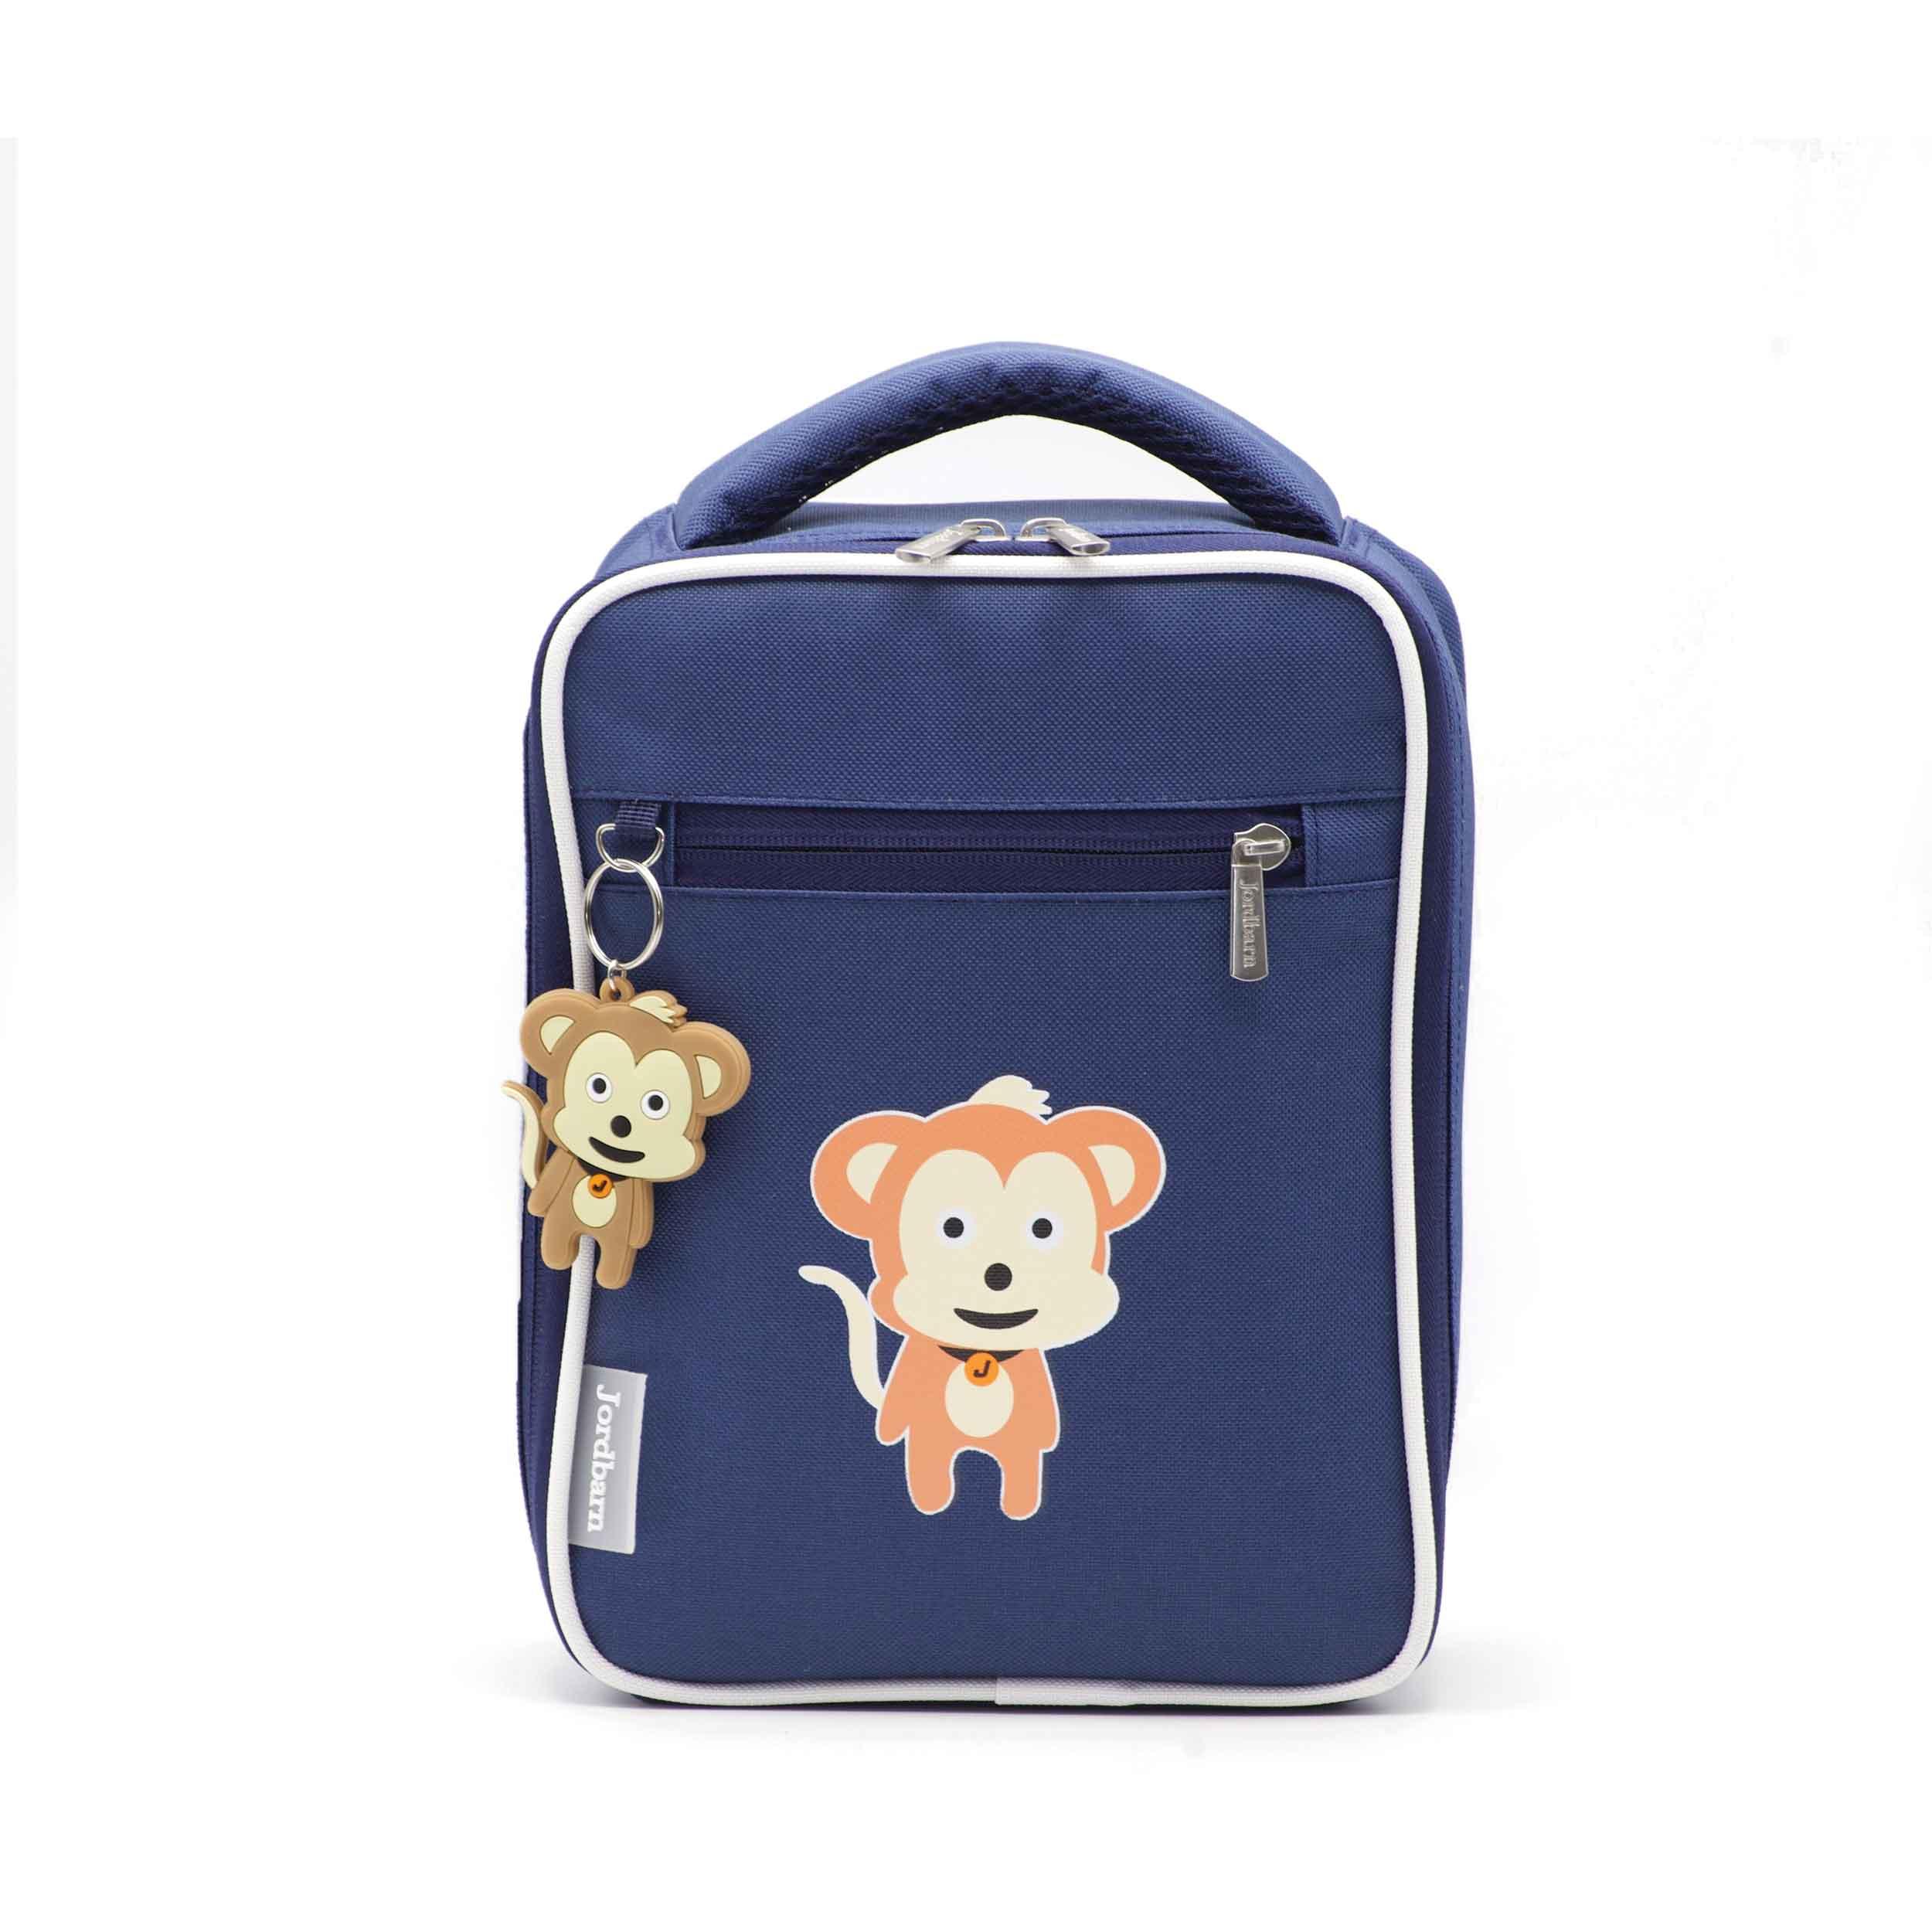 Bento cooler bag - monkey - indigo